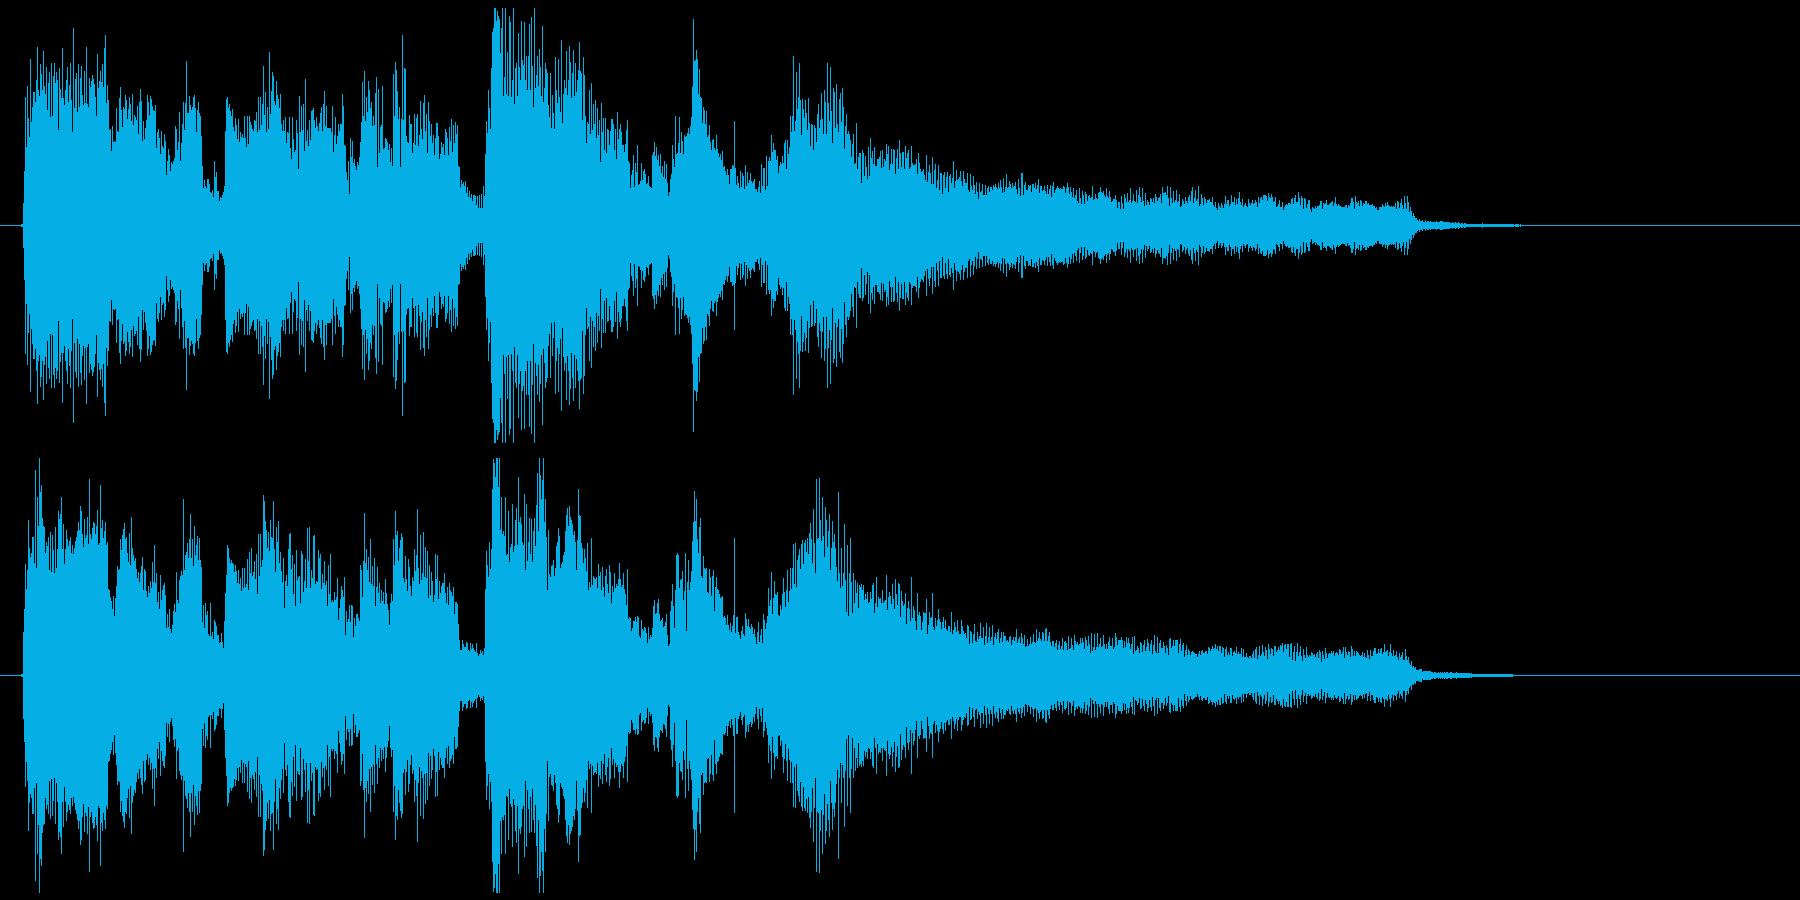 嬉しい気分なスイング感のジャズ系ジングルの再生済みの波形